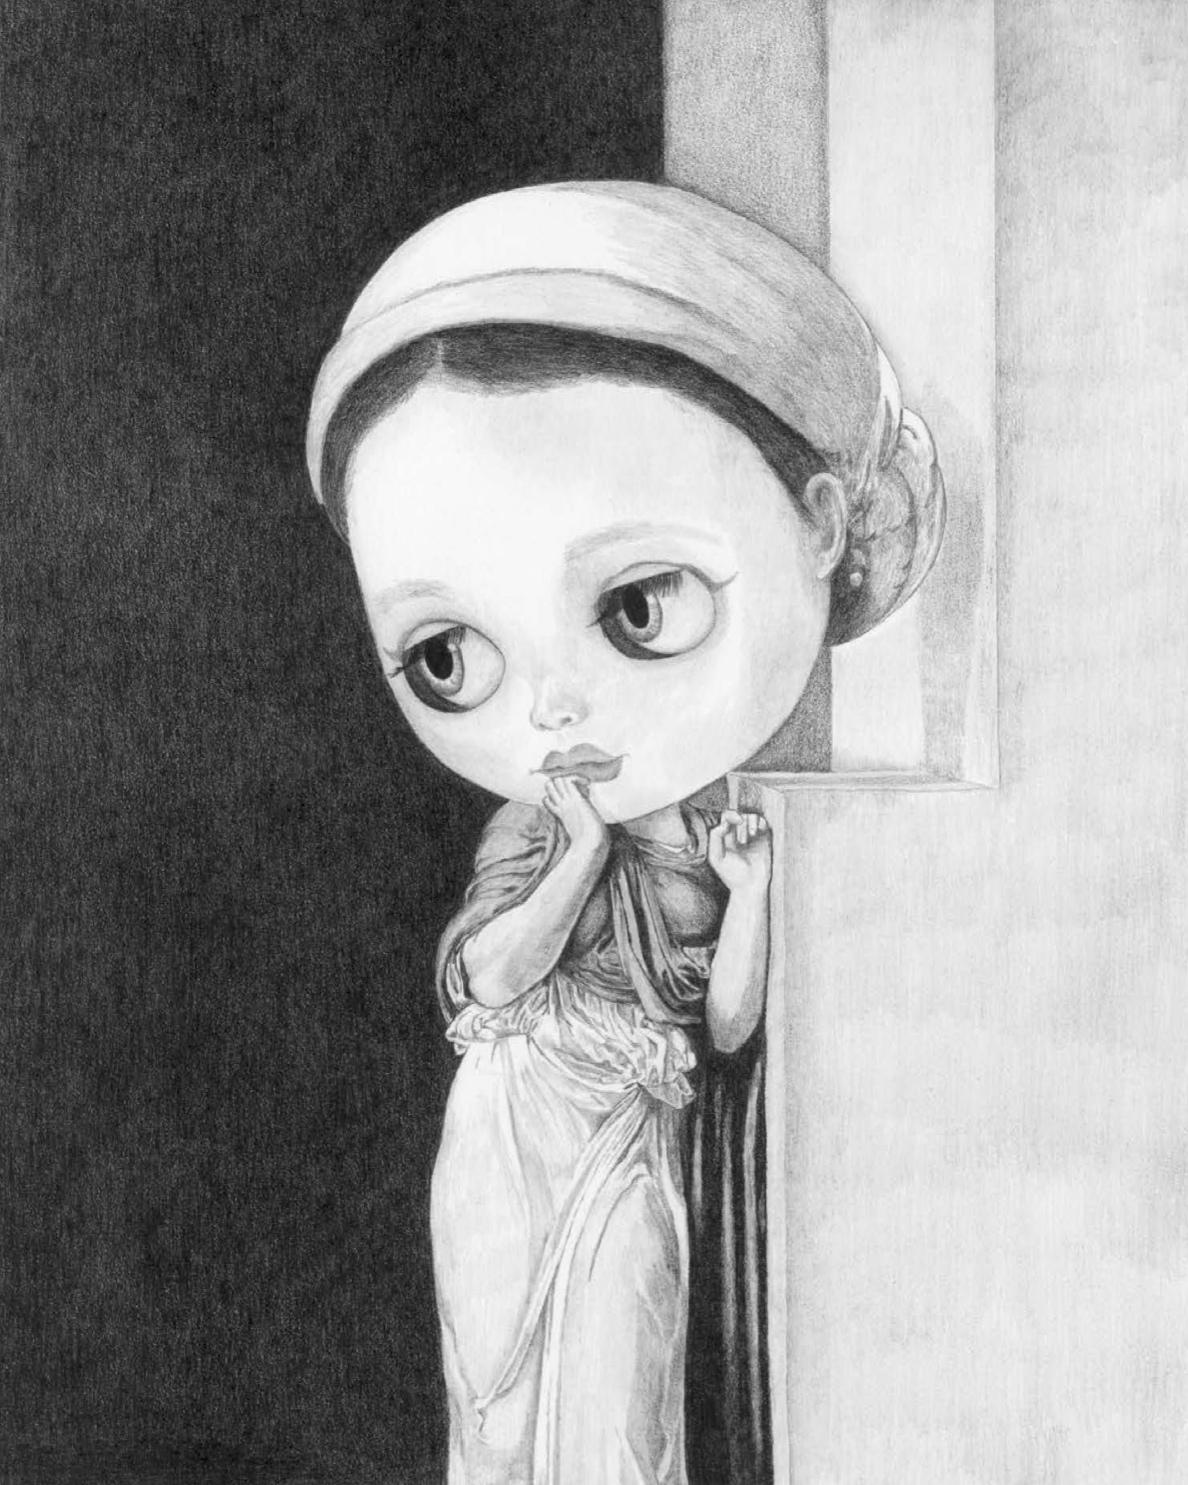 #22 - Blythe Nausicaä